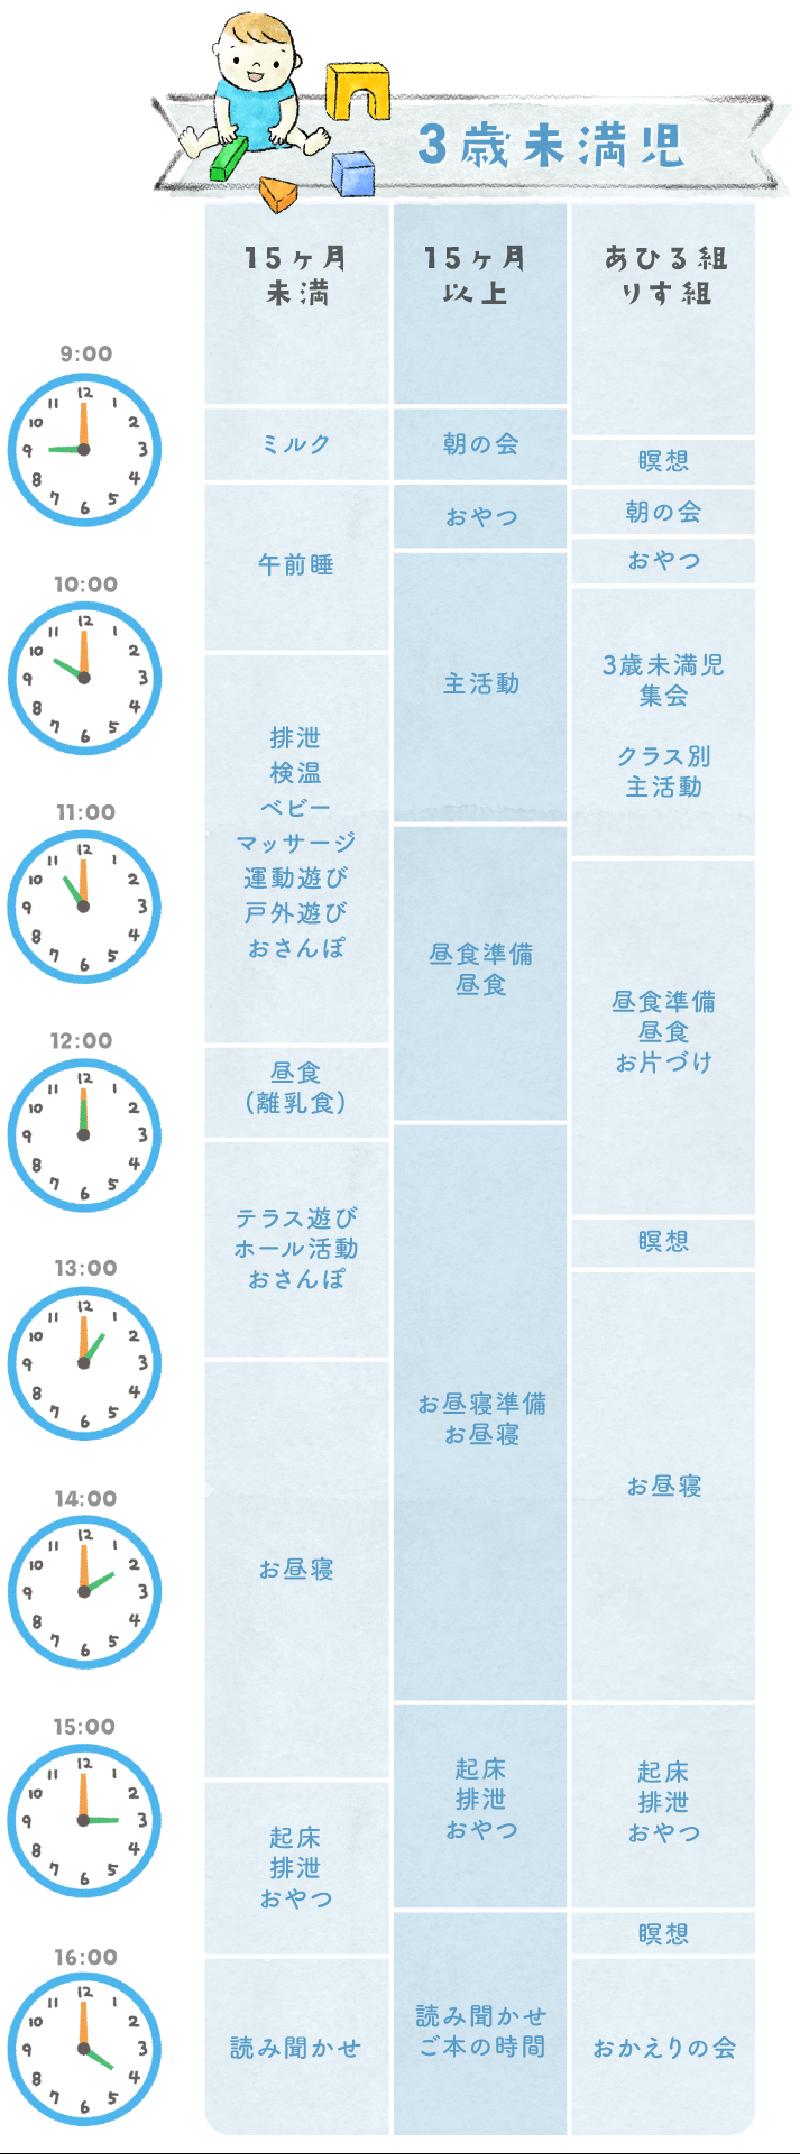 一日の流れ-3歳未満児(図)